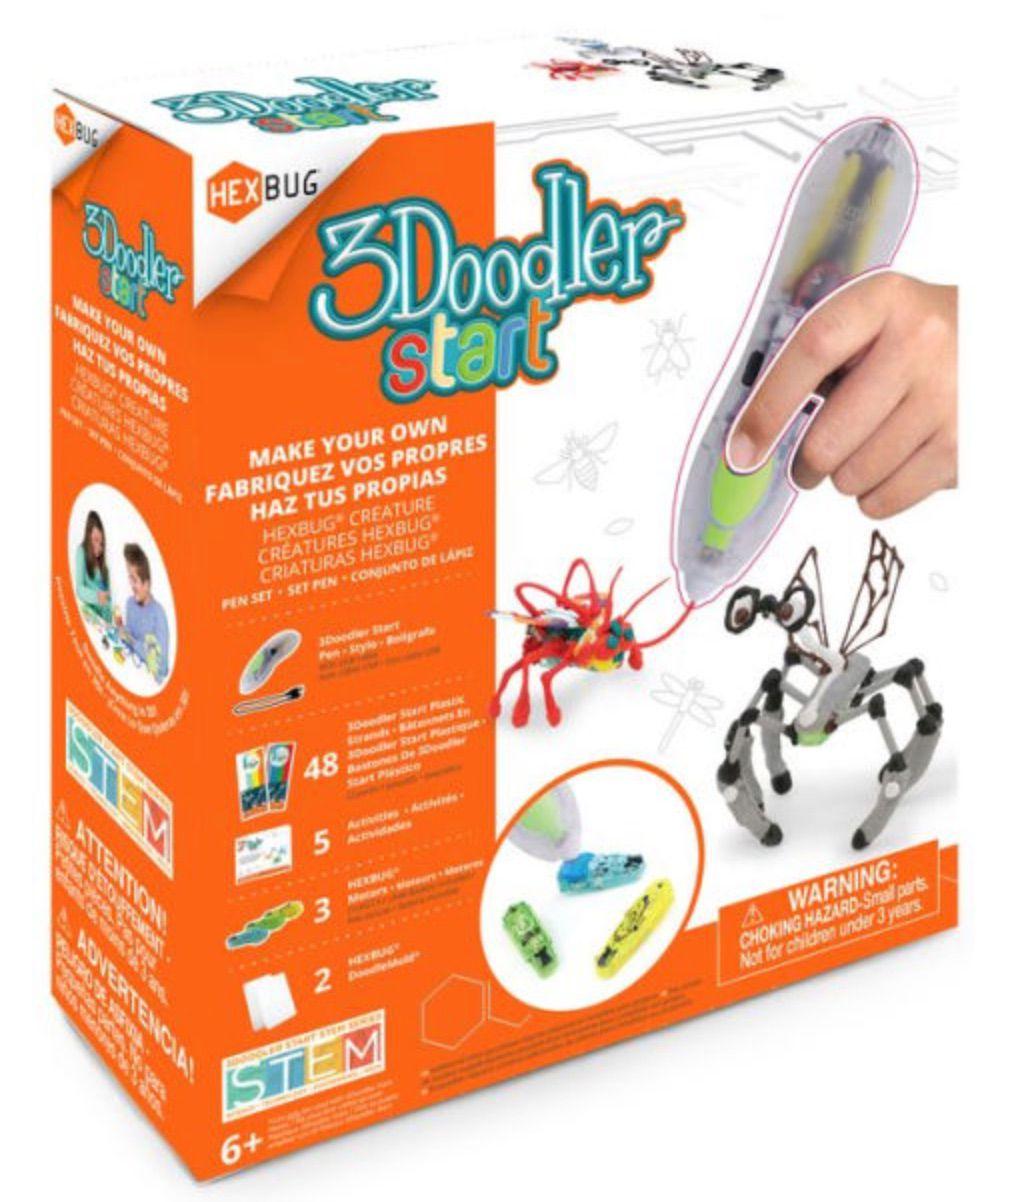 3DoodlerHexbug